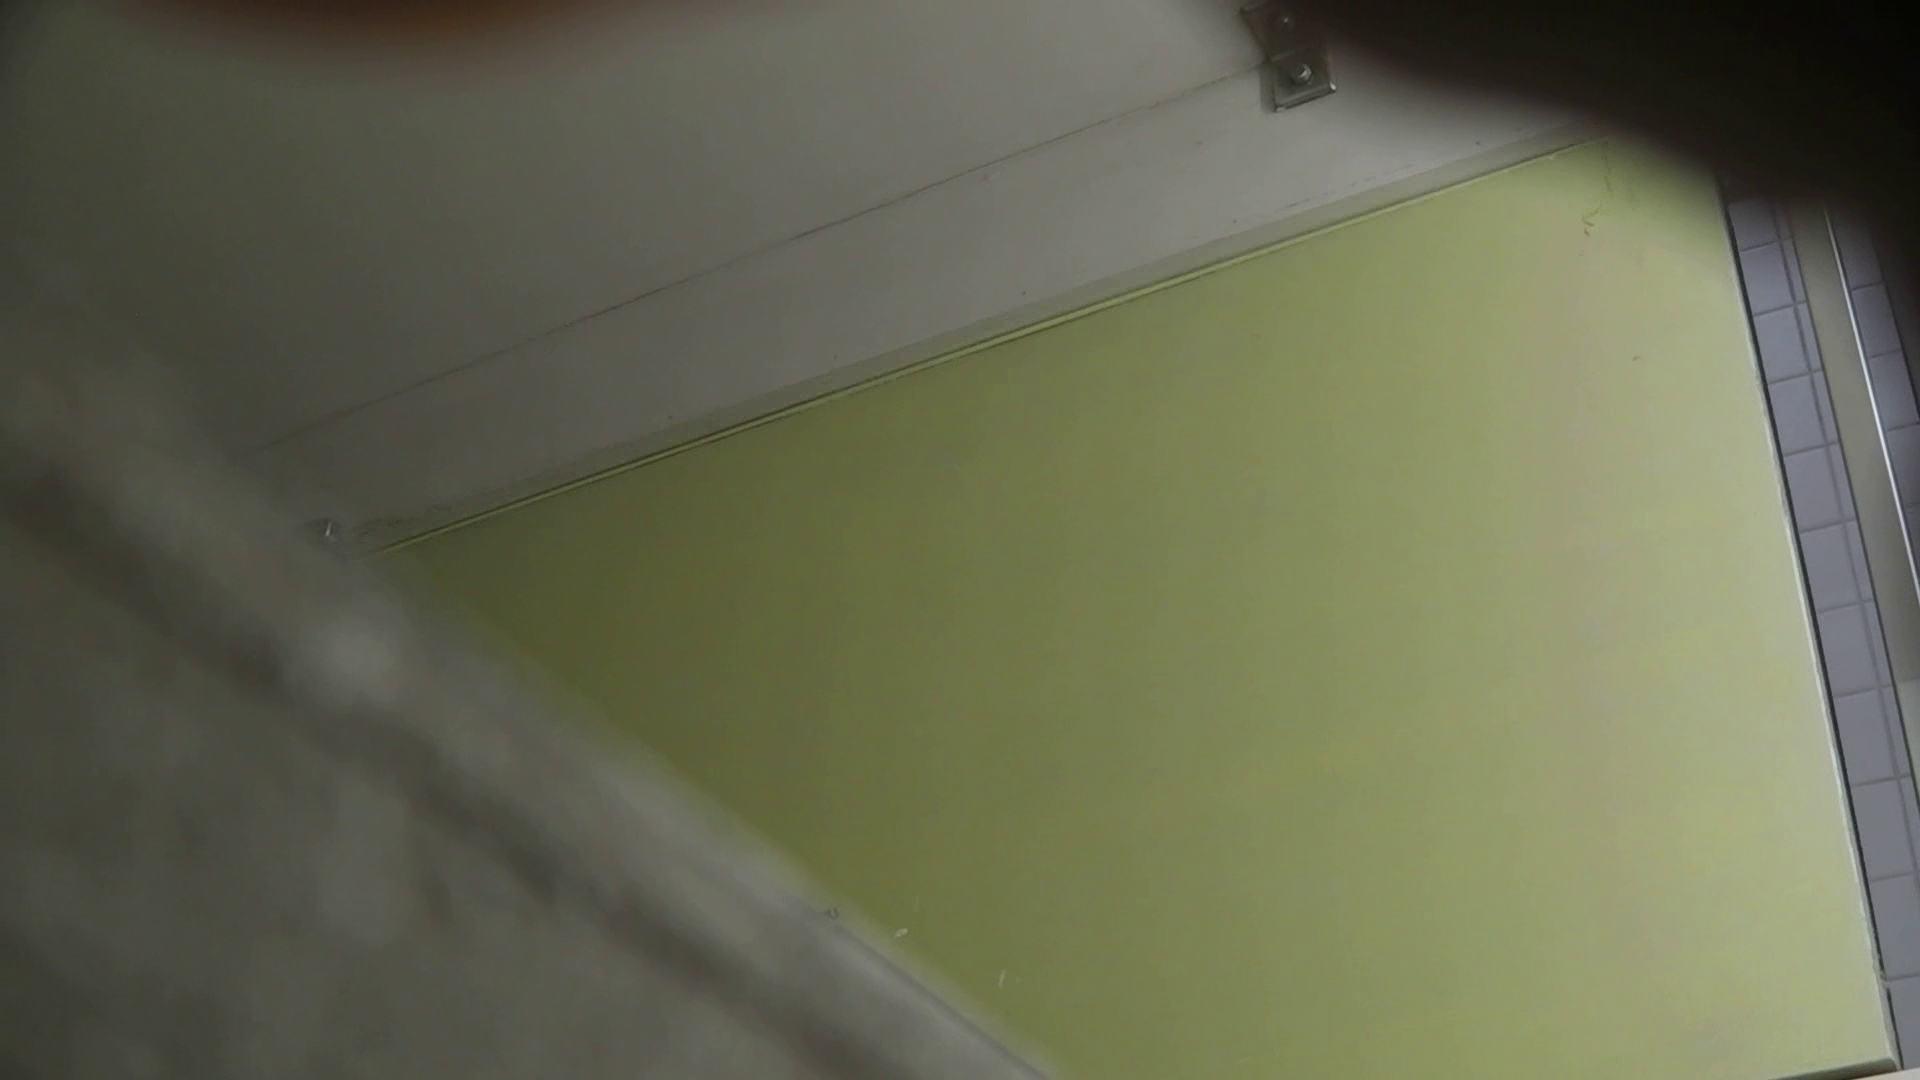 【美しき個室な世界】 vol.018 ピンクのおネエタン 洗面所  82pic 9